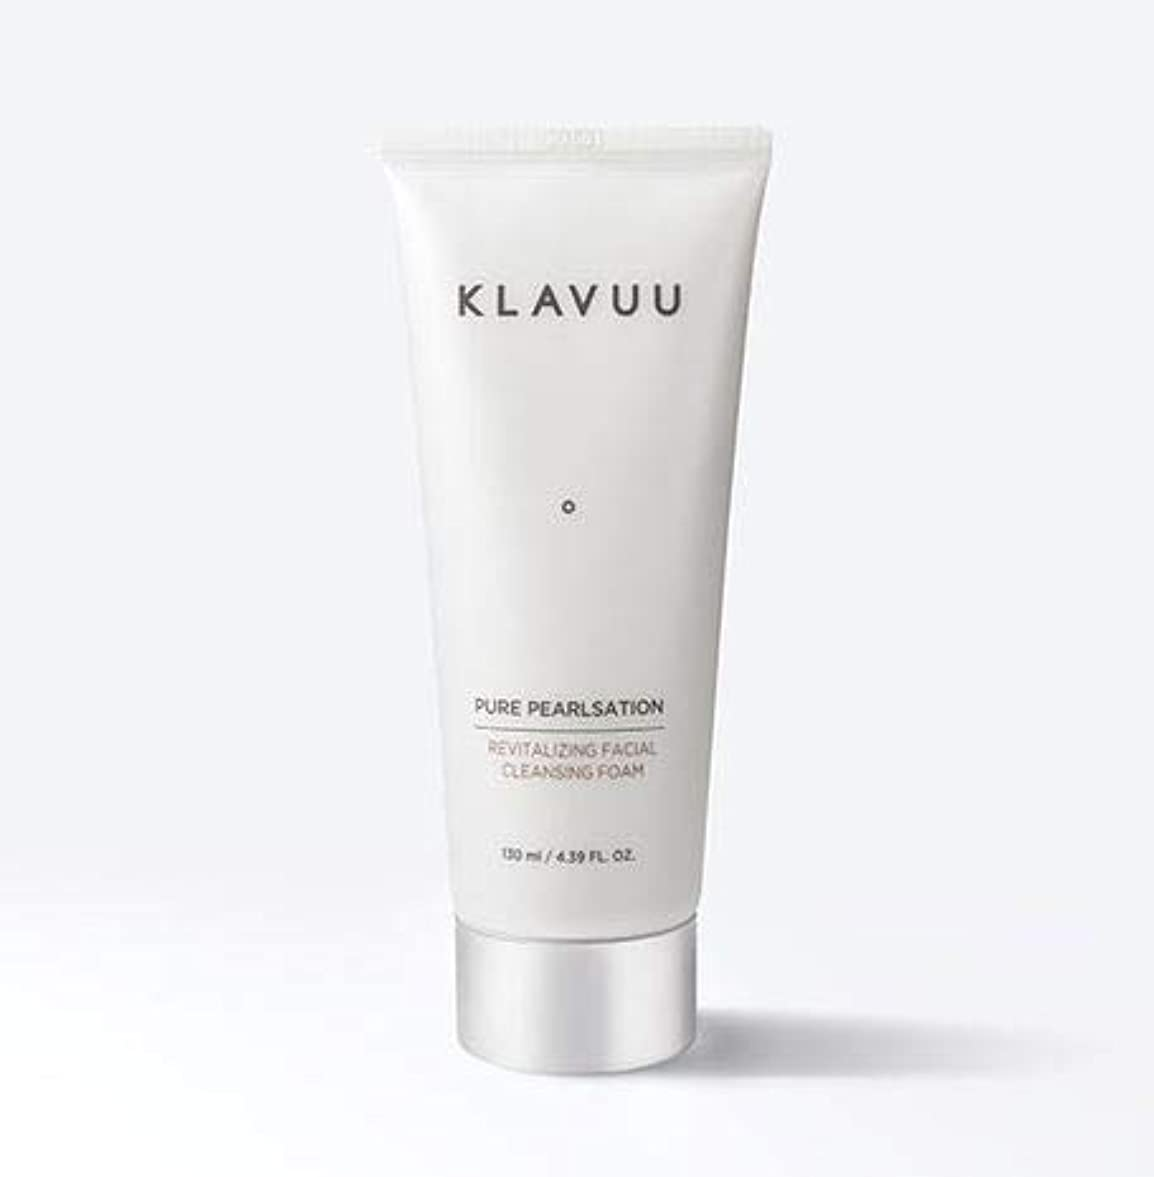 羊の昼間八百屋さん[ Klavuu ] PURE PEARLSATION Revitalizing Facial Cleansing Foam /[クラビュー ] ピュア パールセ―ション リバイタライジング フェイシャル クレンジング フォーム [並行輸入品]